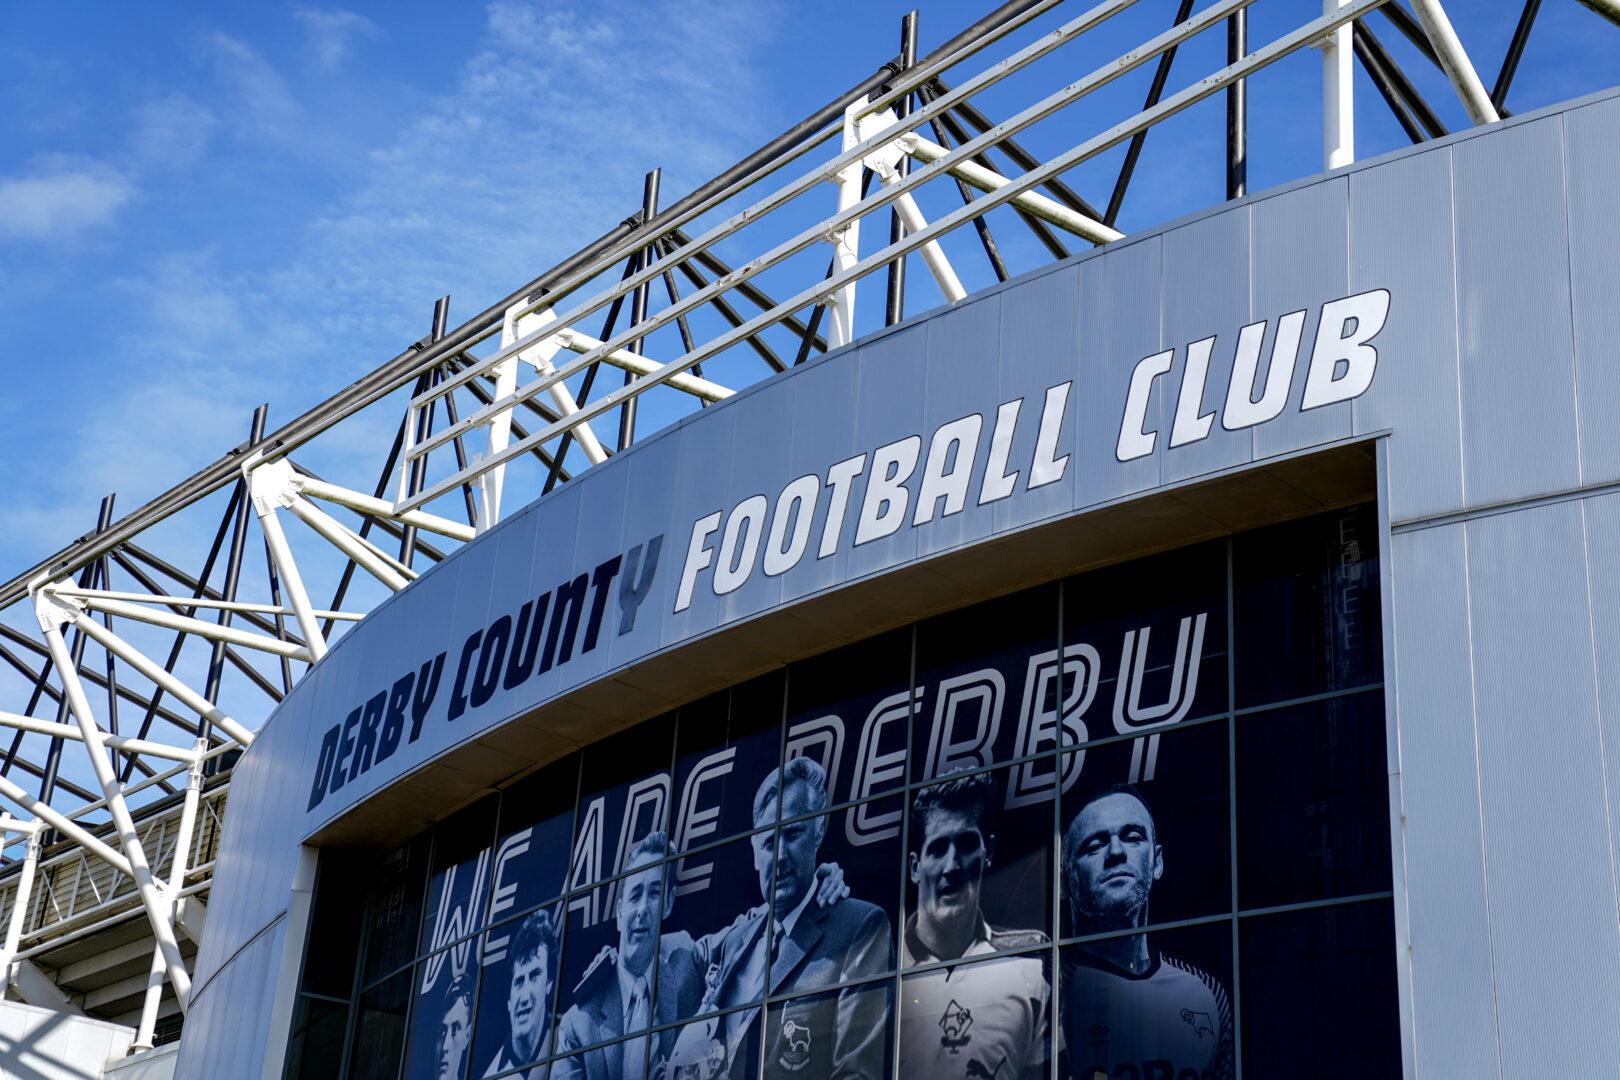 Nach Insolvenzantrag: Derby County werden zwölf Punkte abgezogen